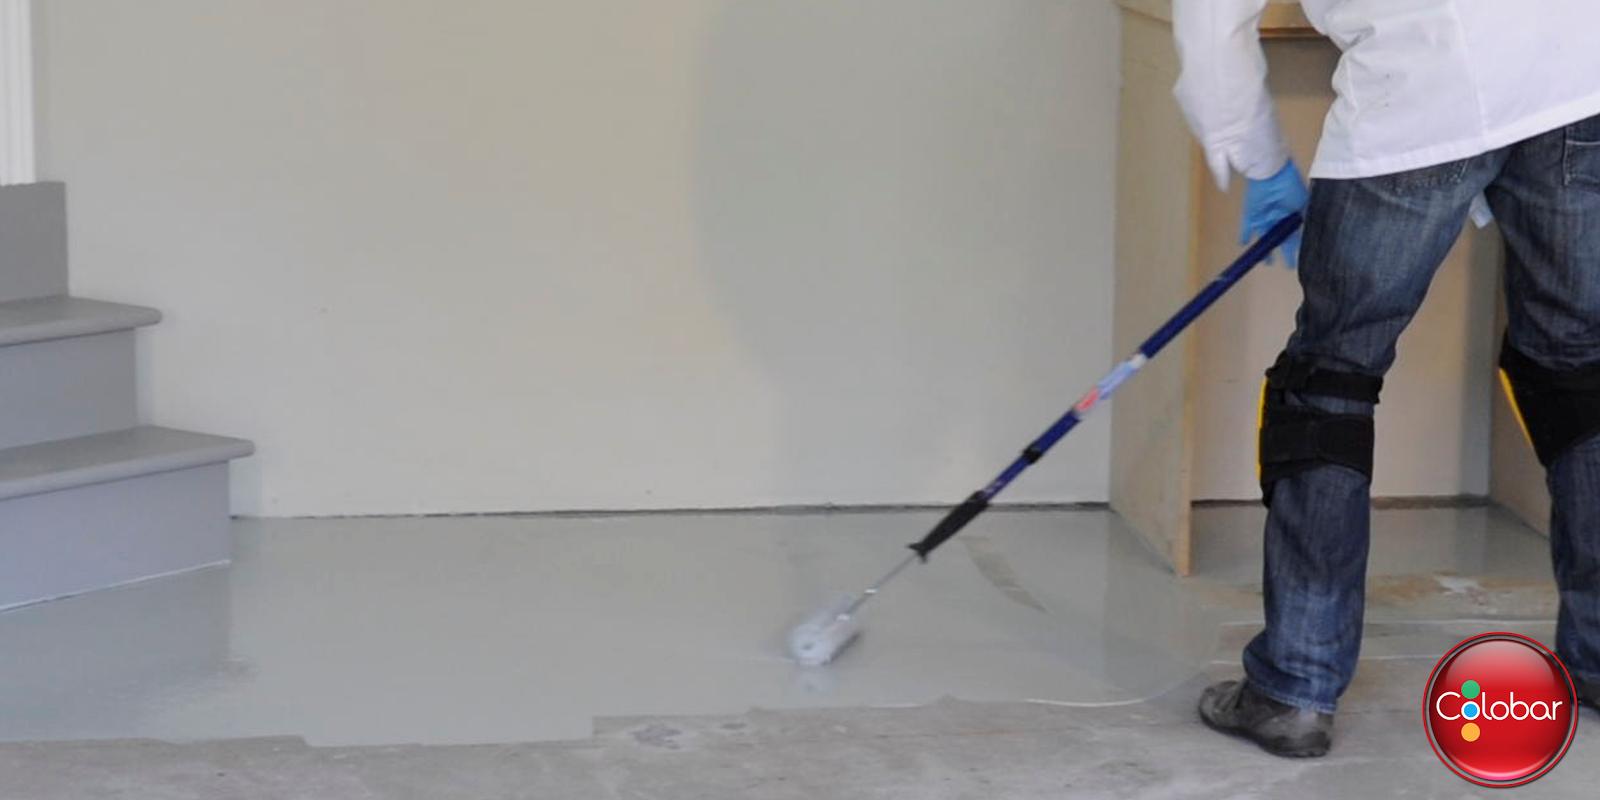 Colobar peinture et d coration comment appliquer l poxy 100 solide sur un plancher de ciment for Peinture beton garage